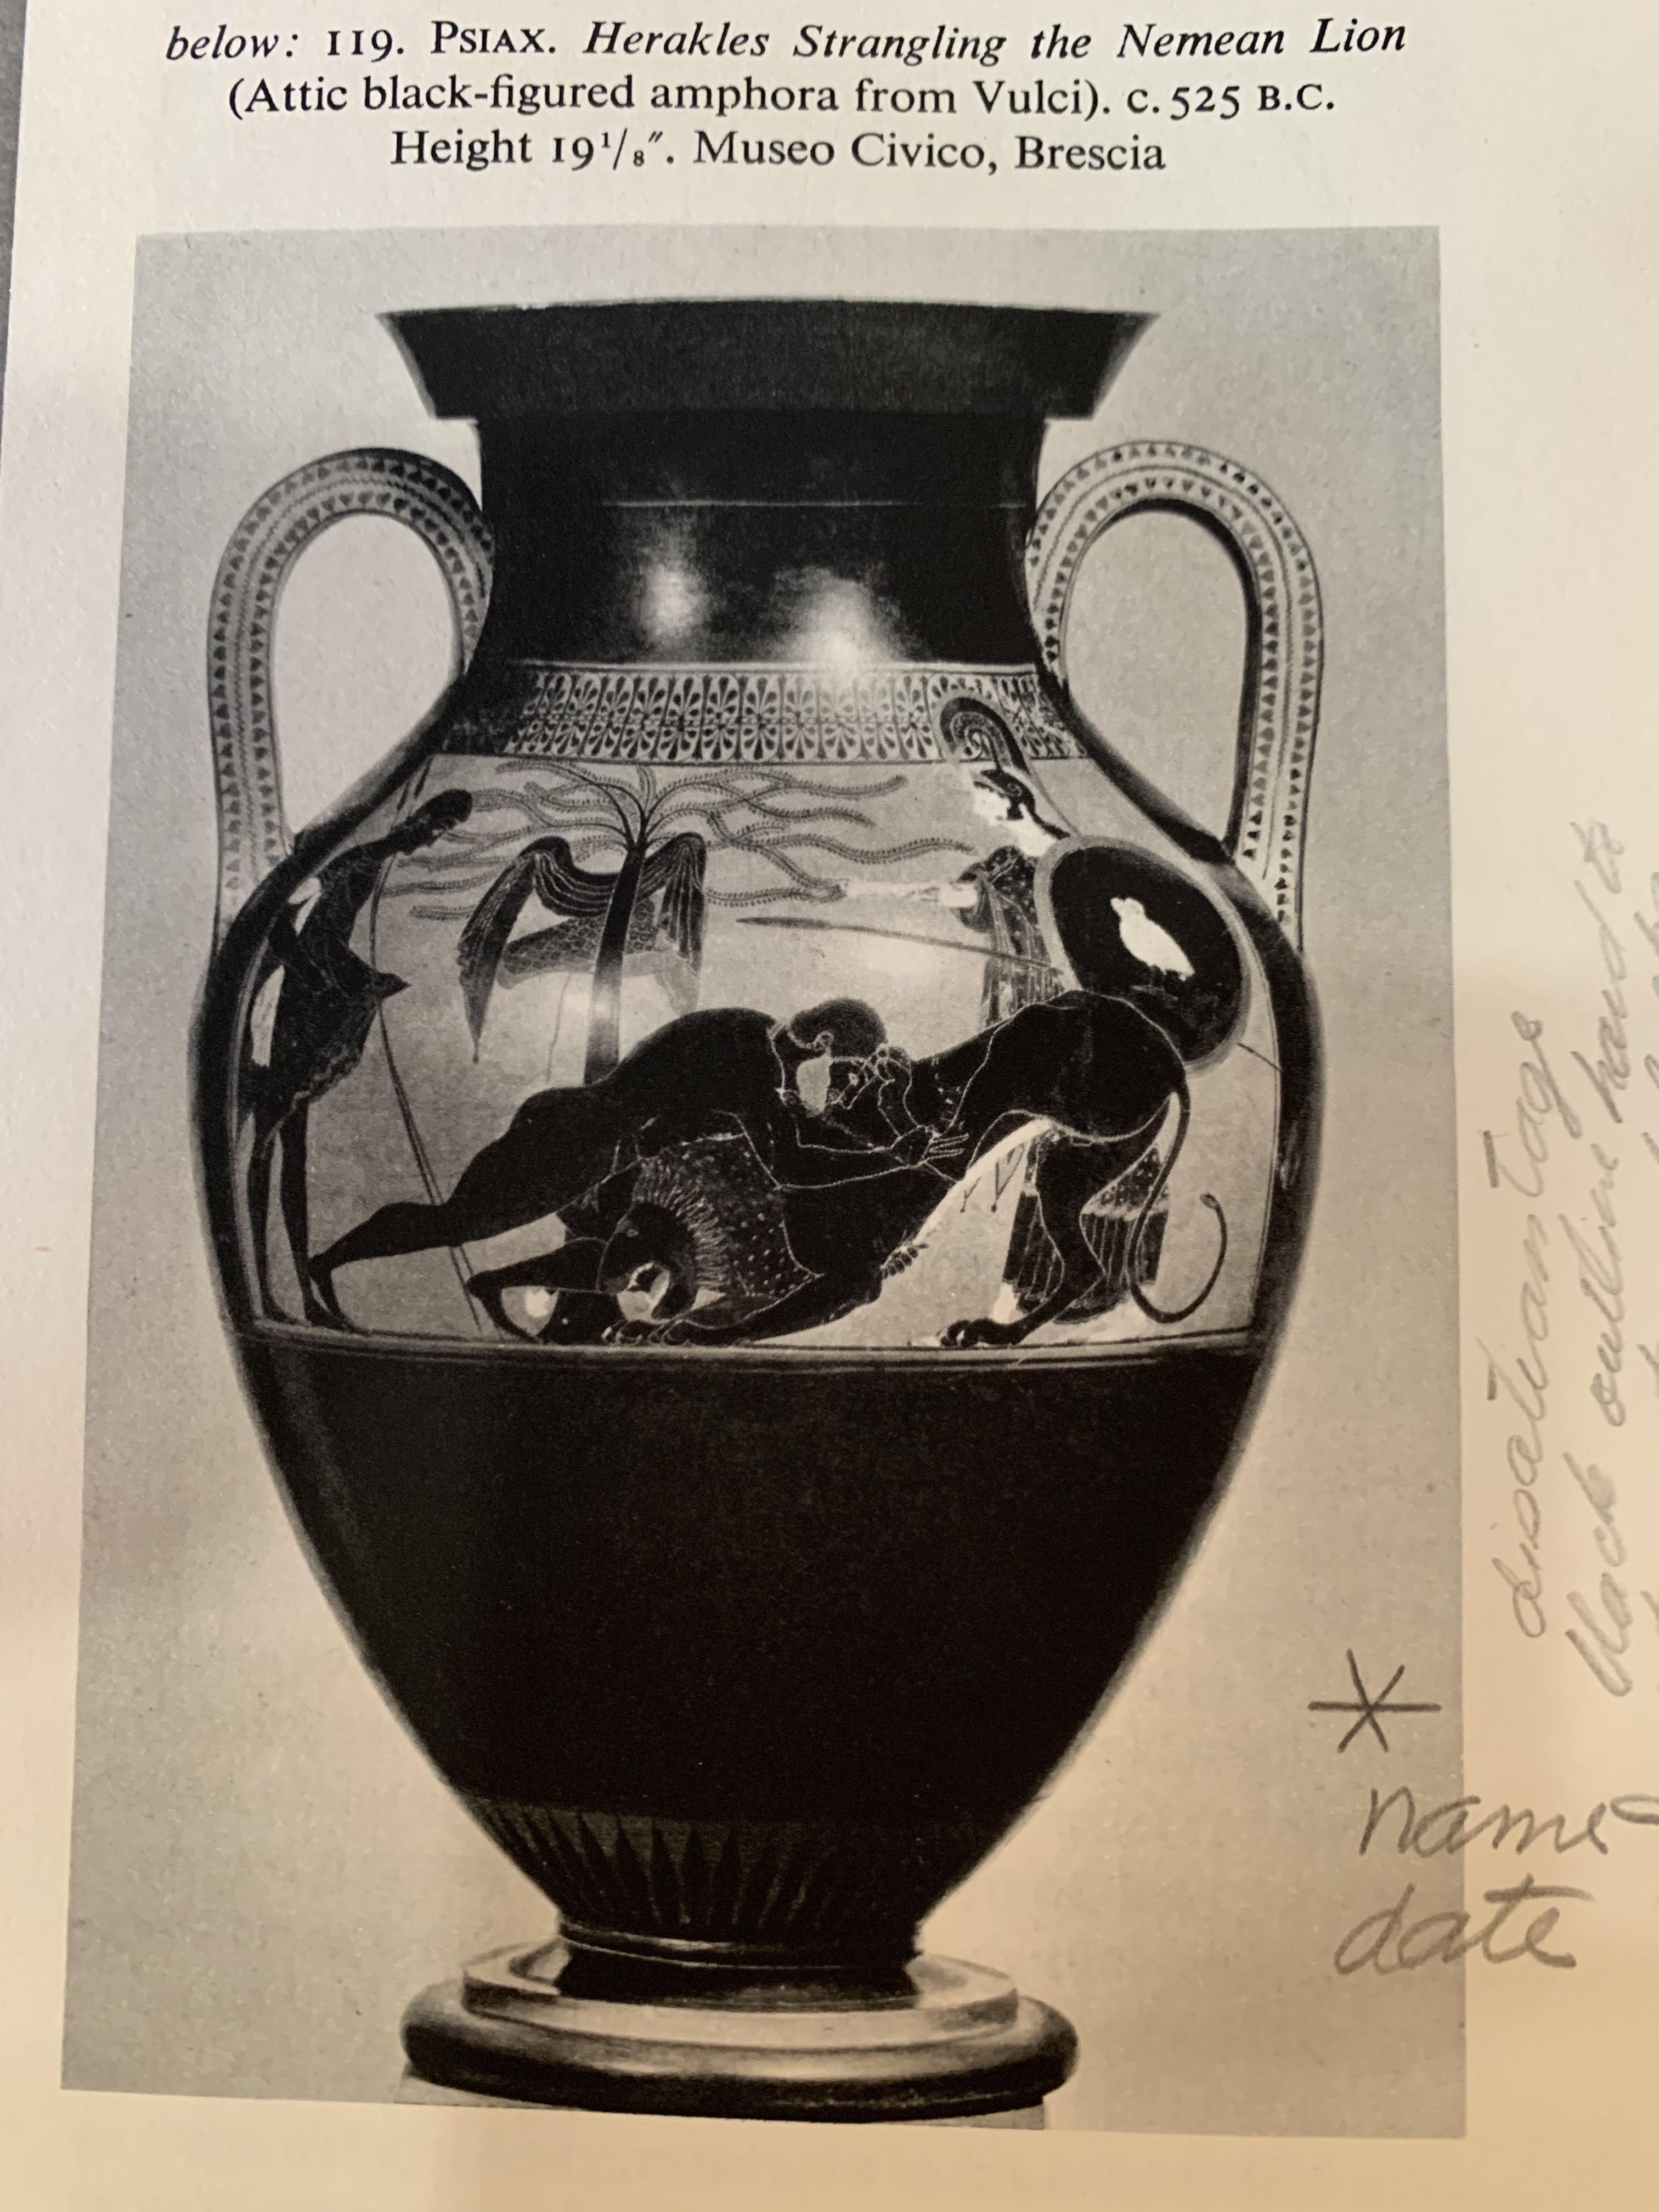 Heracles jar